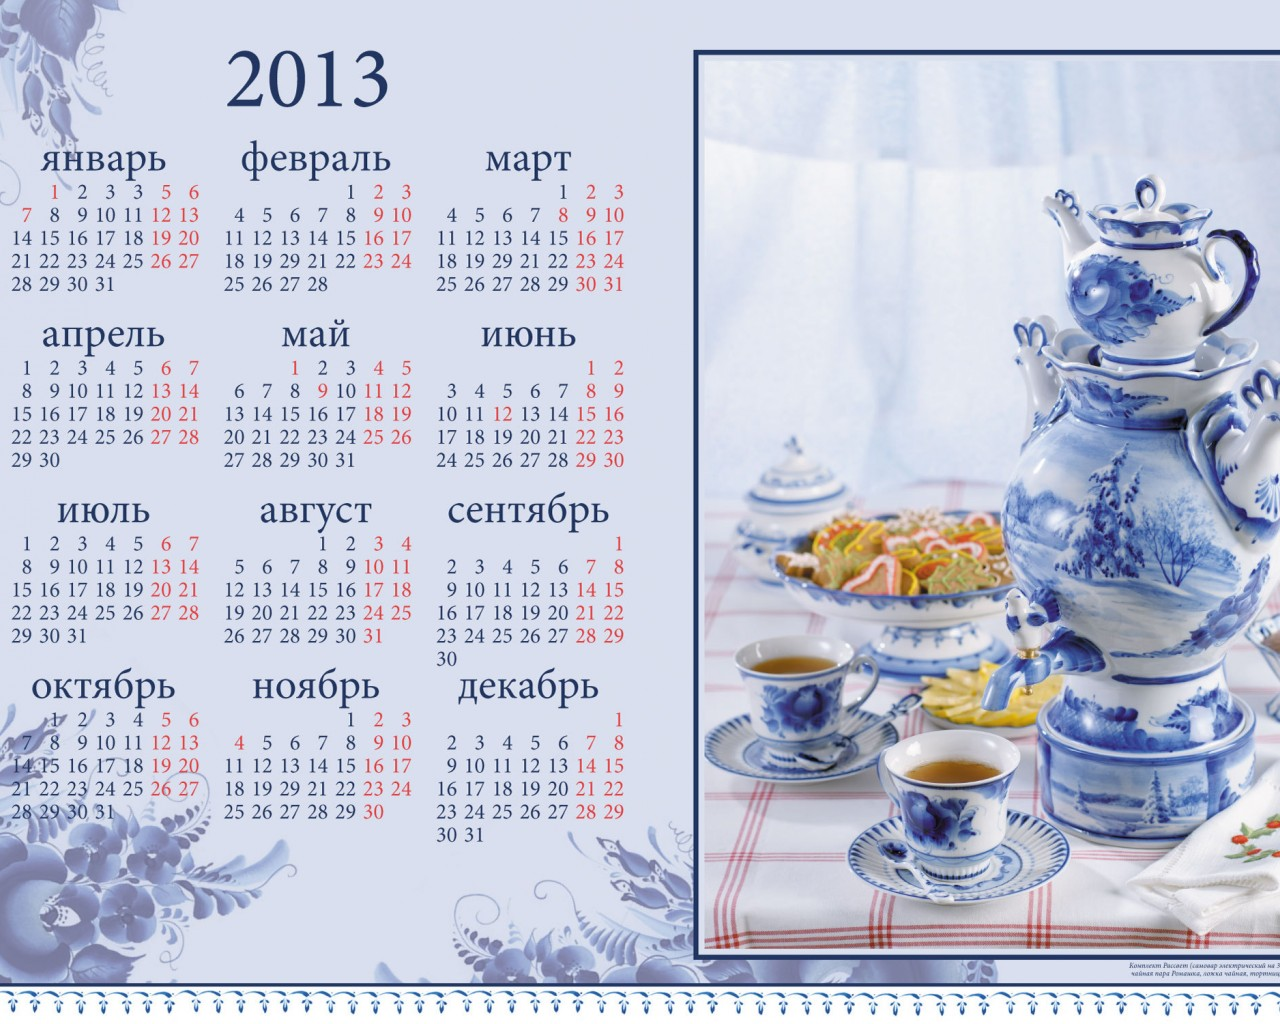 календарь на 2013 год на рабочий стол: